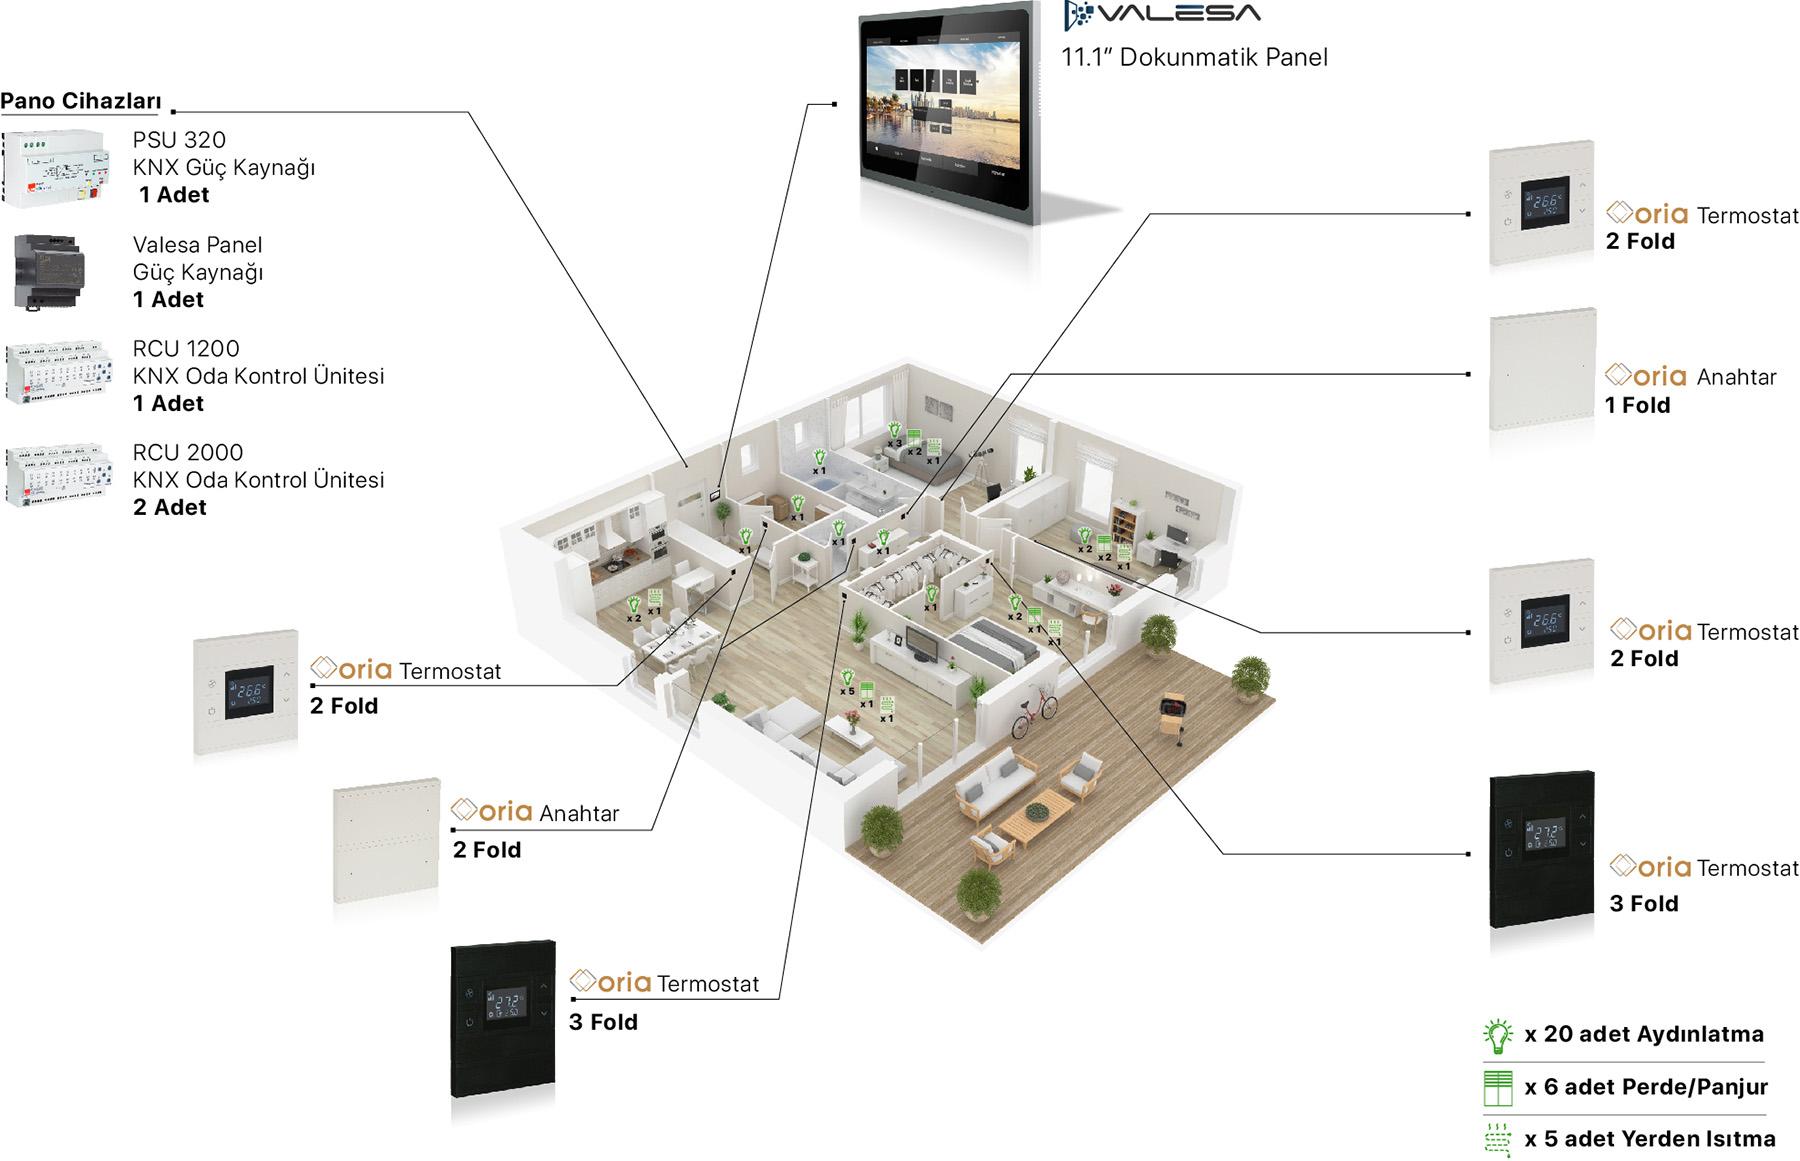 akıllı ev konsept tr - KNX Akıllı Ev & Rezidans Çözümleri